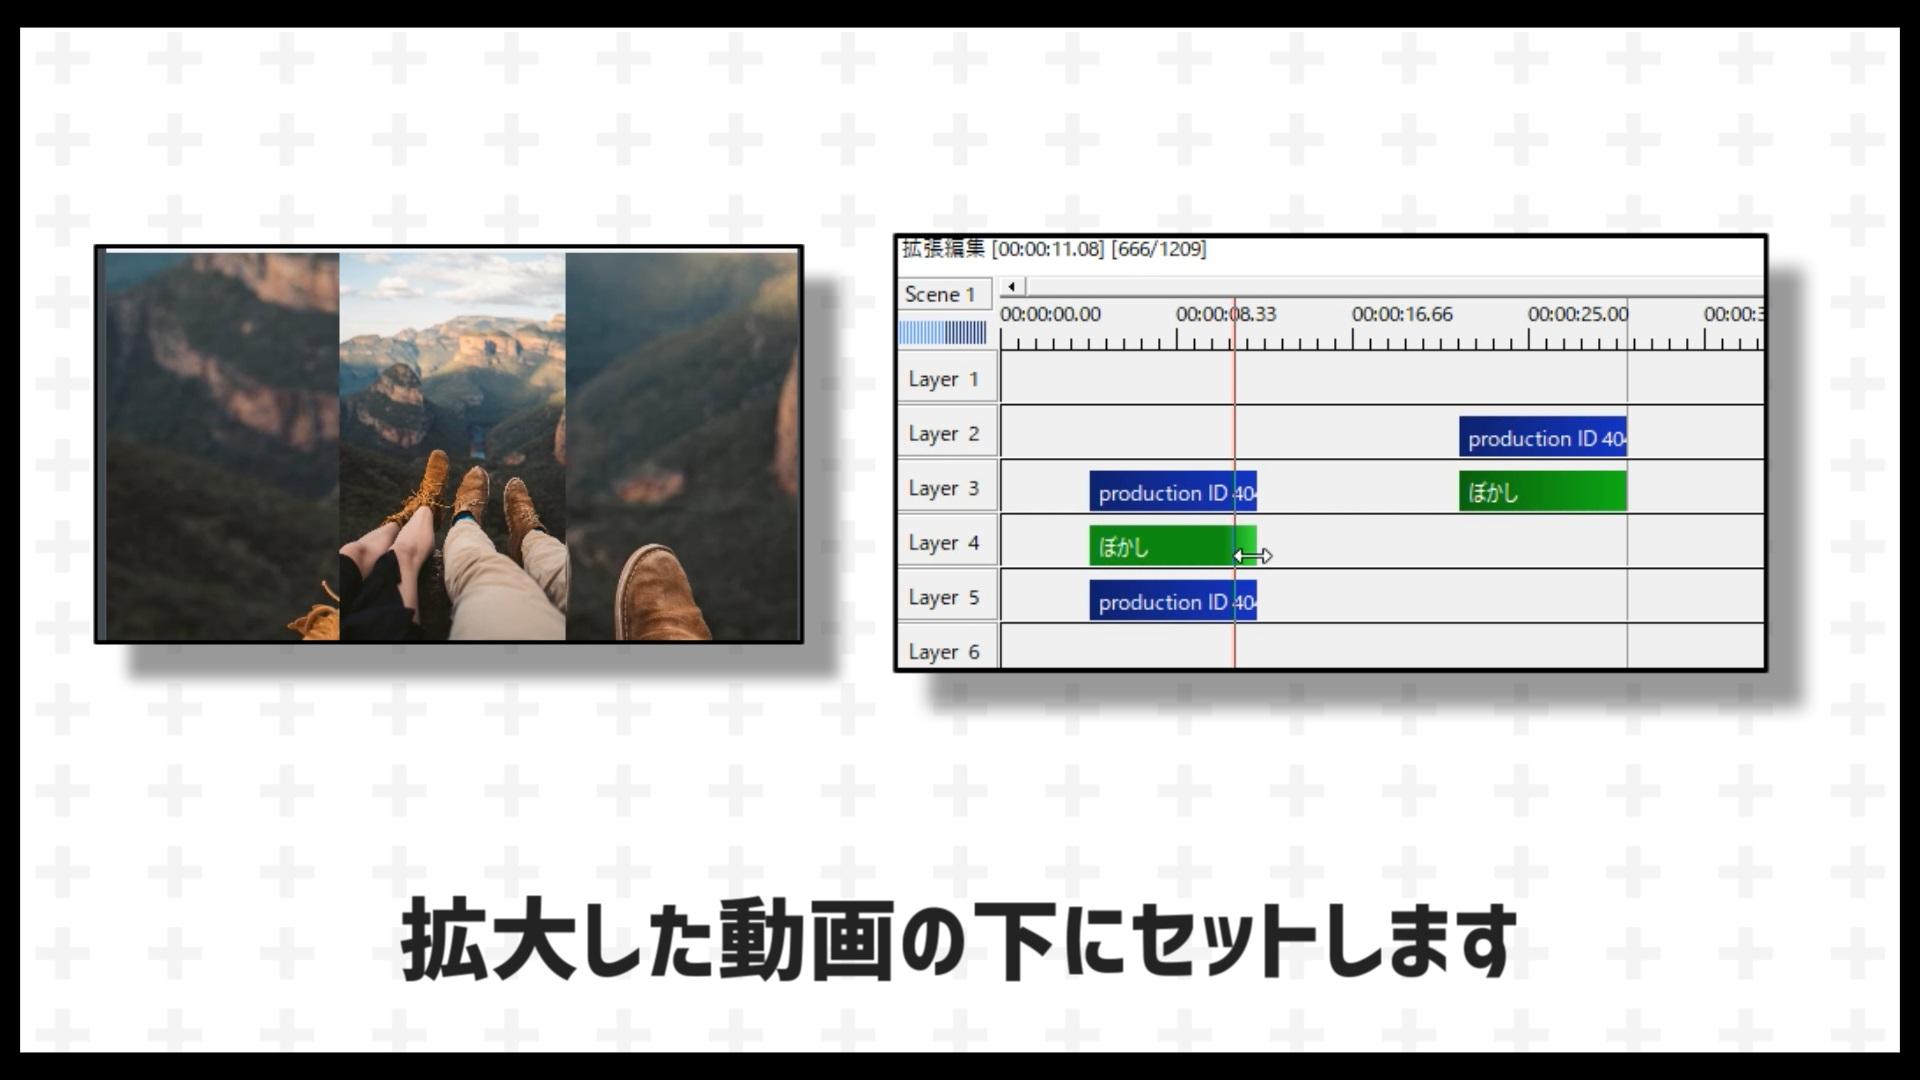 次にさきほど拡大した動画の下のLayerにファイルたオブジェクトのぼかしを入れます。これで完成です!